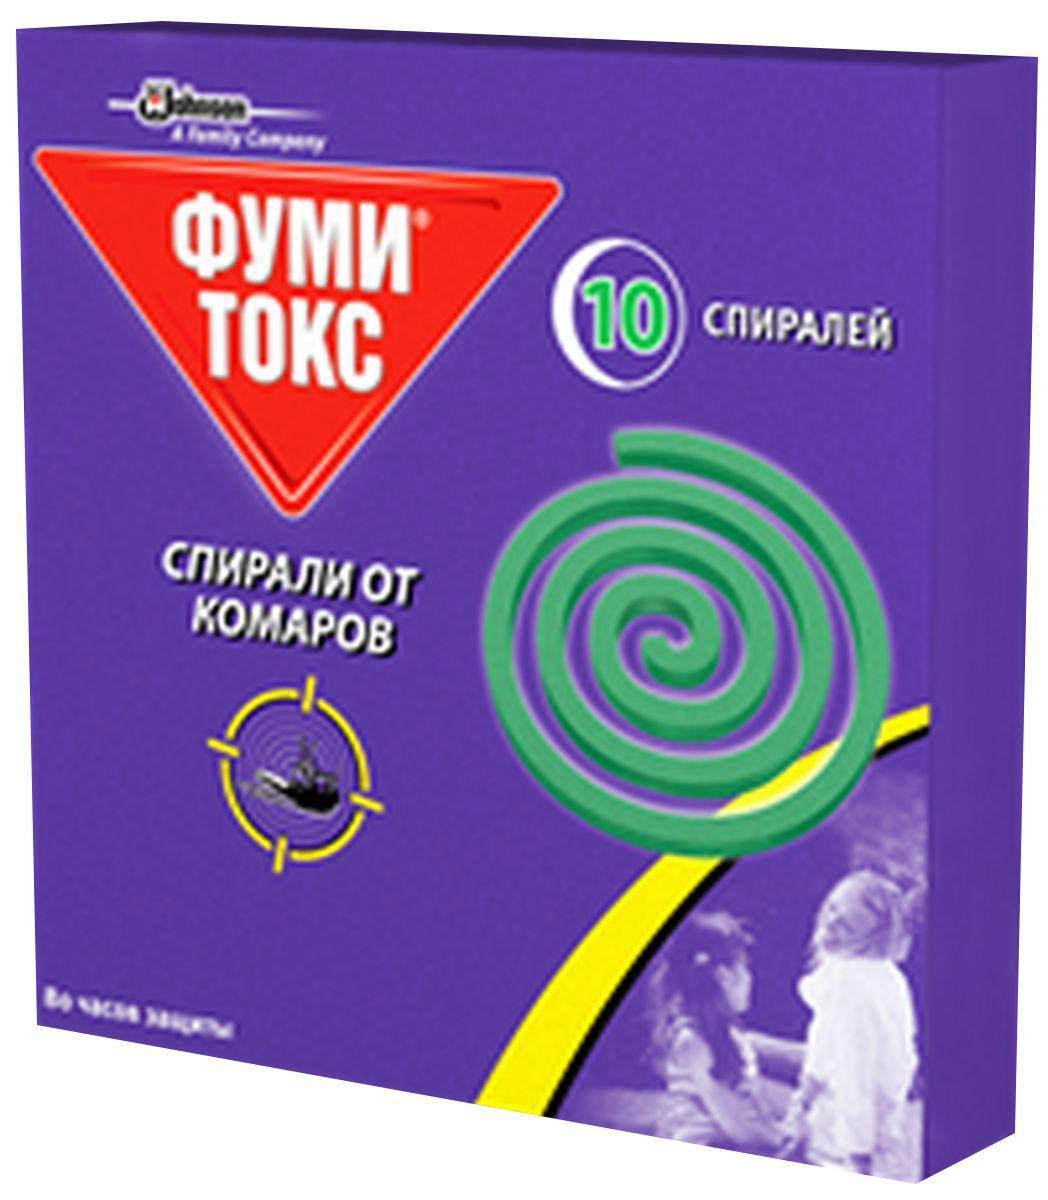 Спирали от комаров ФУМИТОКС зеленые 10 шт + спираль в подарок 20/12623054Мгновенное действие после поджигания спирали: отгоняет и уничтожает комаров. Не гаснет под воздействием легкого ветра. Компактность и простота в использовании. Используется на открытом воздухе или хорошо проветриваемых помещениях.